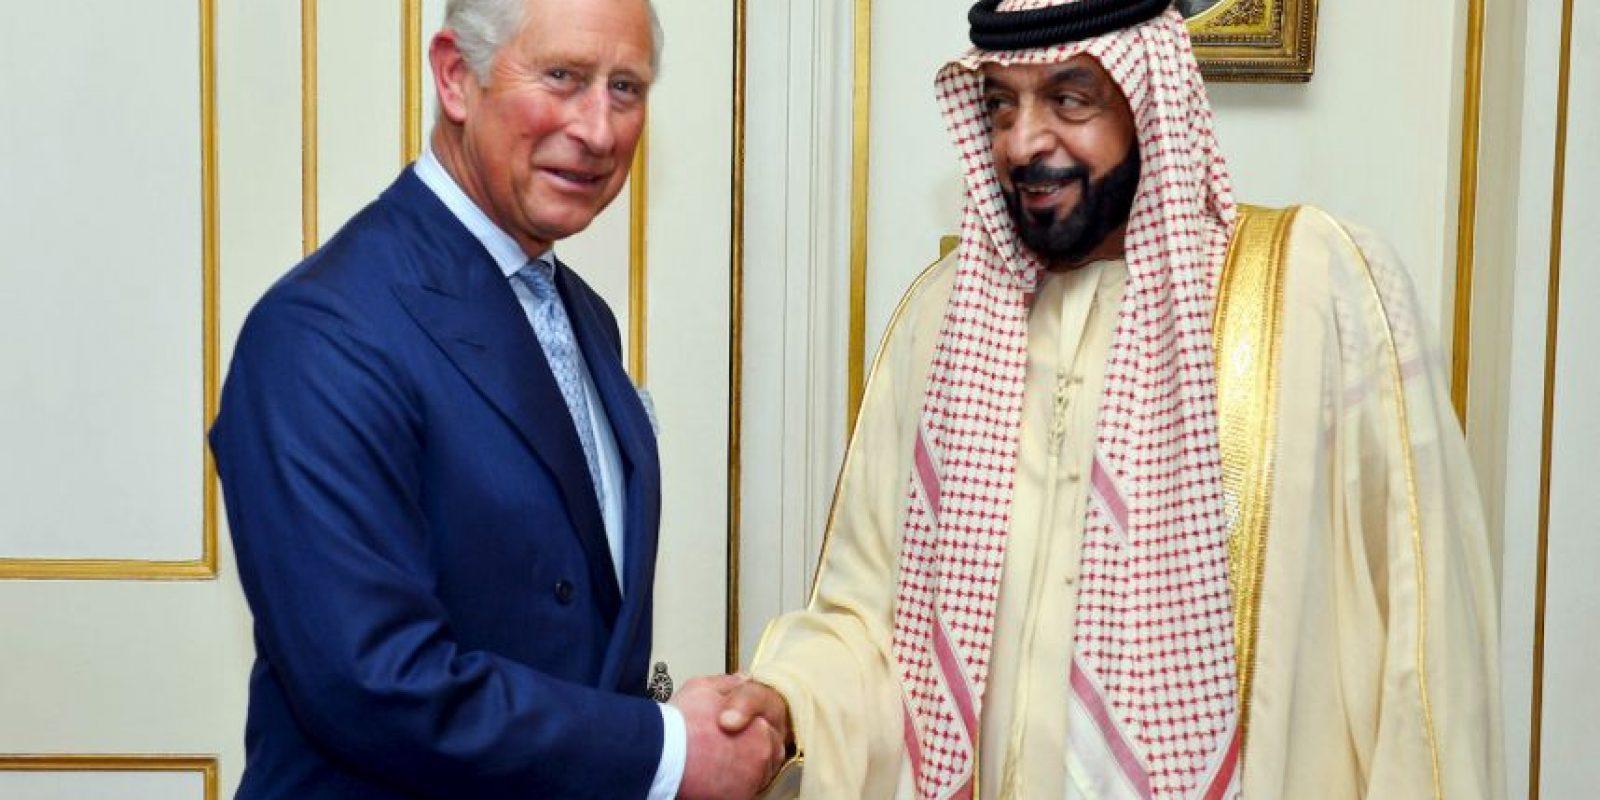 Su fortuna se valuó en 15 mil millones de dólares durante el año 2011, todo esto proveniente de la empresa Abu Dhabi Investment Authority, la cual se encarga de manejar los excedentes de las reservas petroleras de los Emiratos Árabes Unidos. Foto:Getty Images